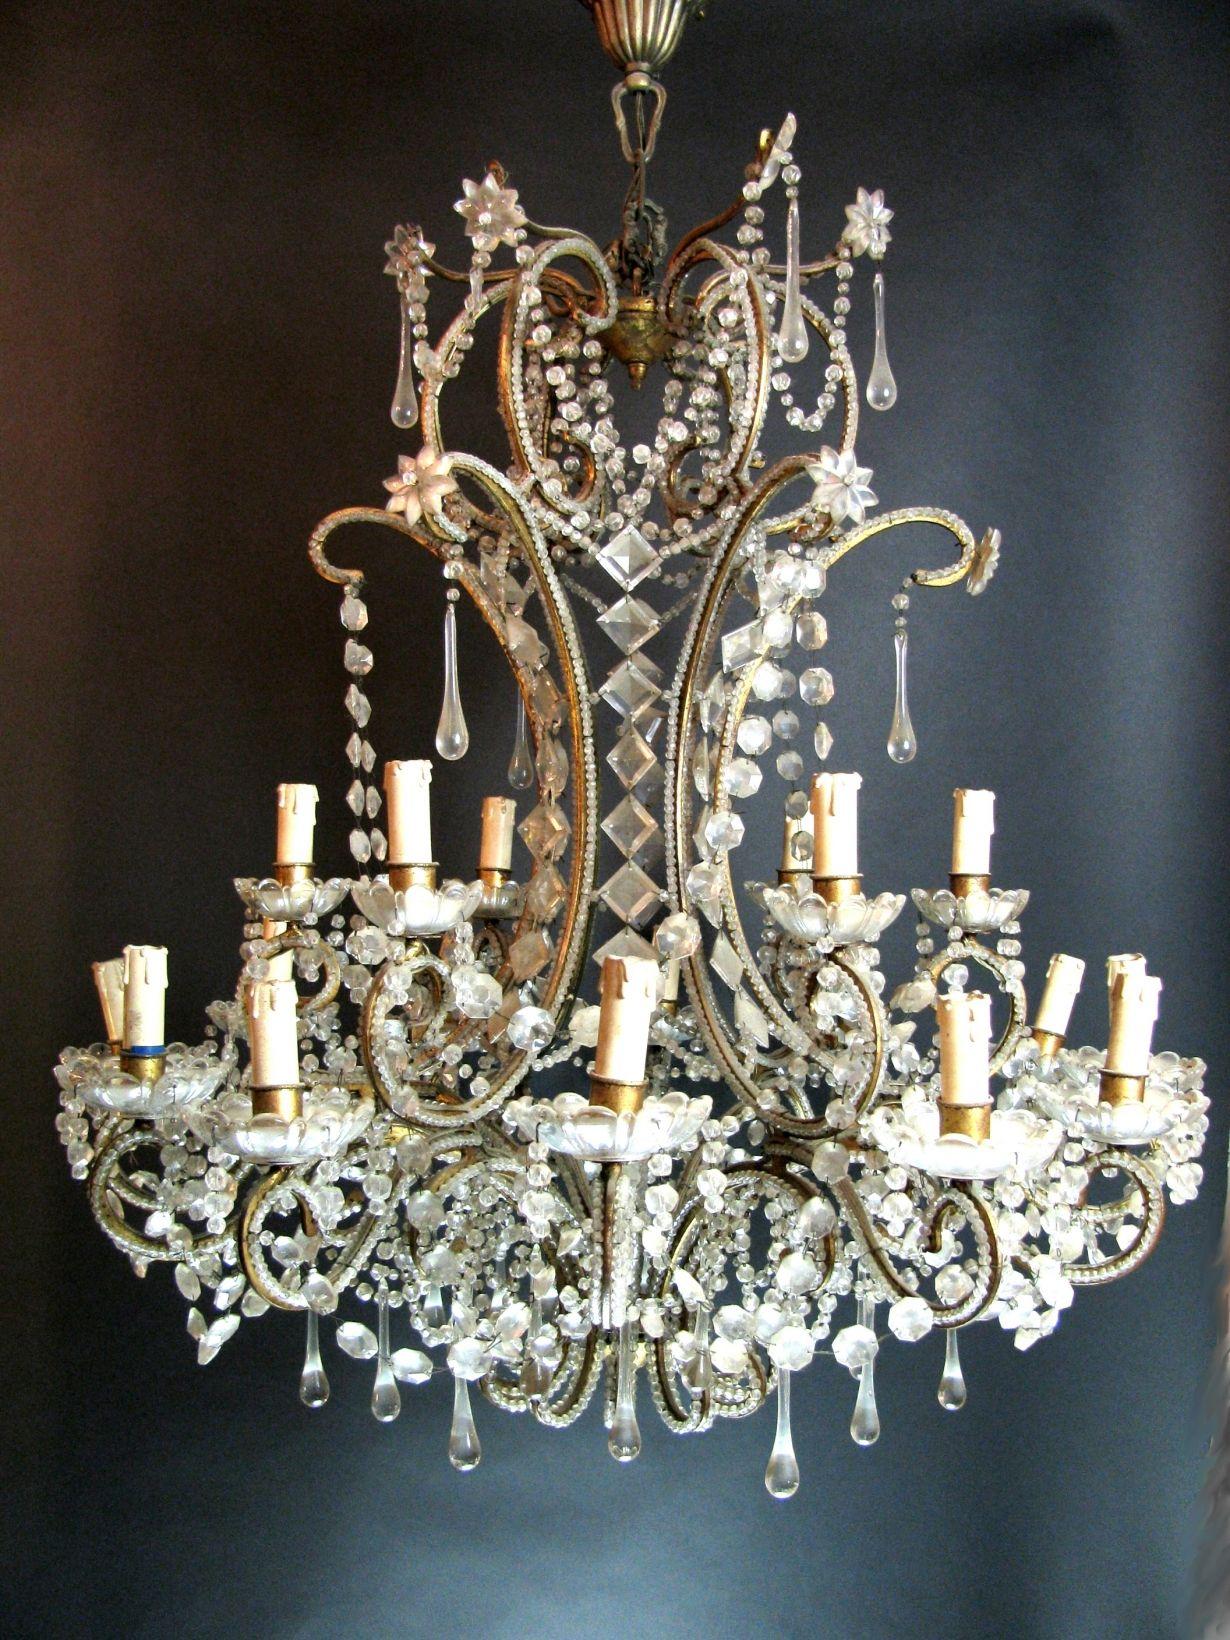 Lampadari In Cristallo Di Boemia Antichi.Pin Su Lampadari Lampade